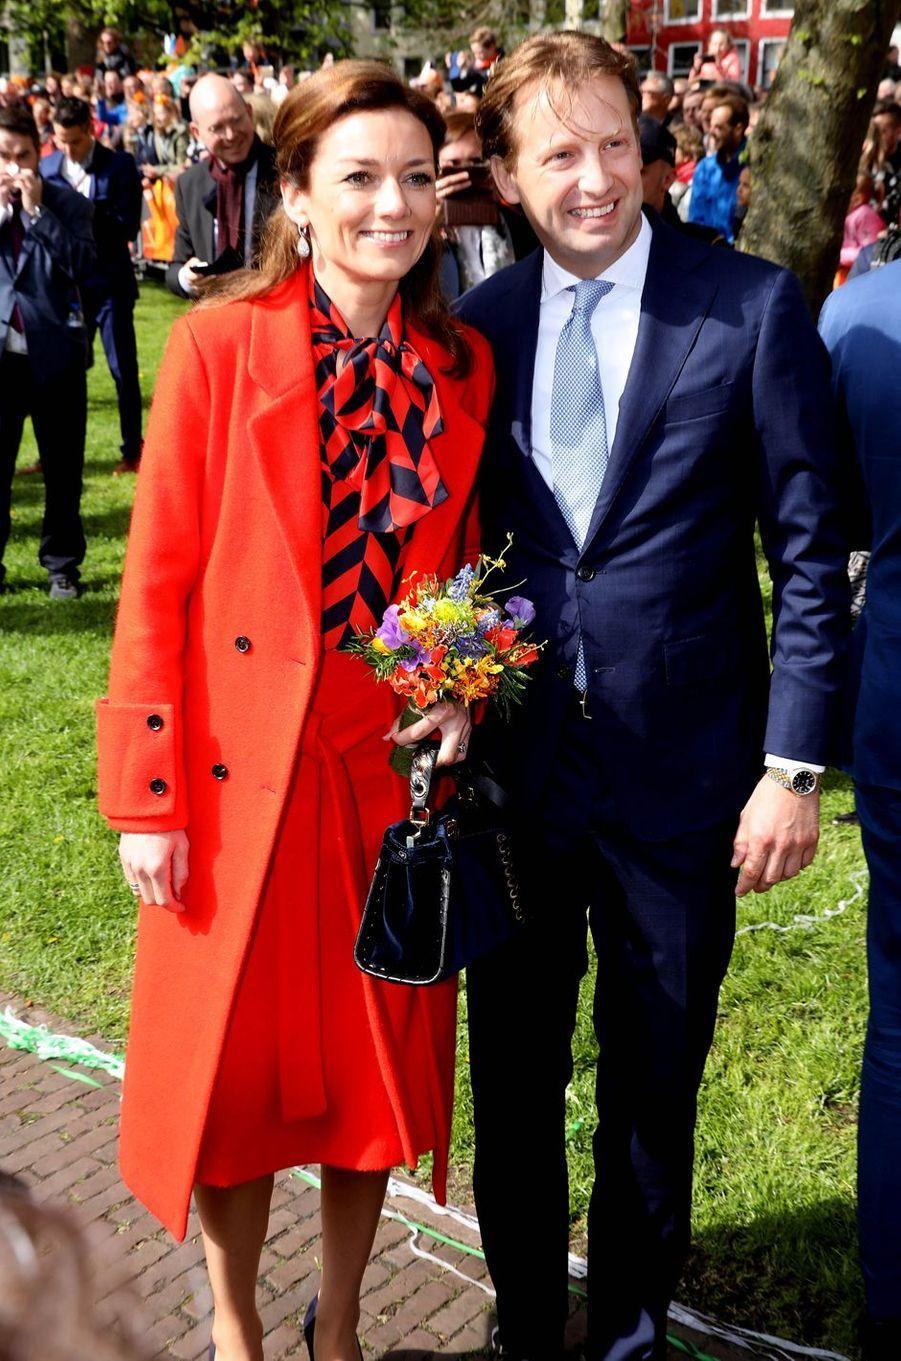 La princesse Aimée et le prince Floris des Pays-Bas, à Groningen le 27 avril 2018